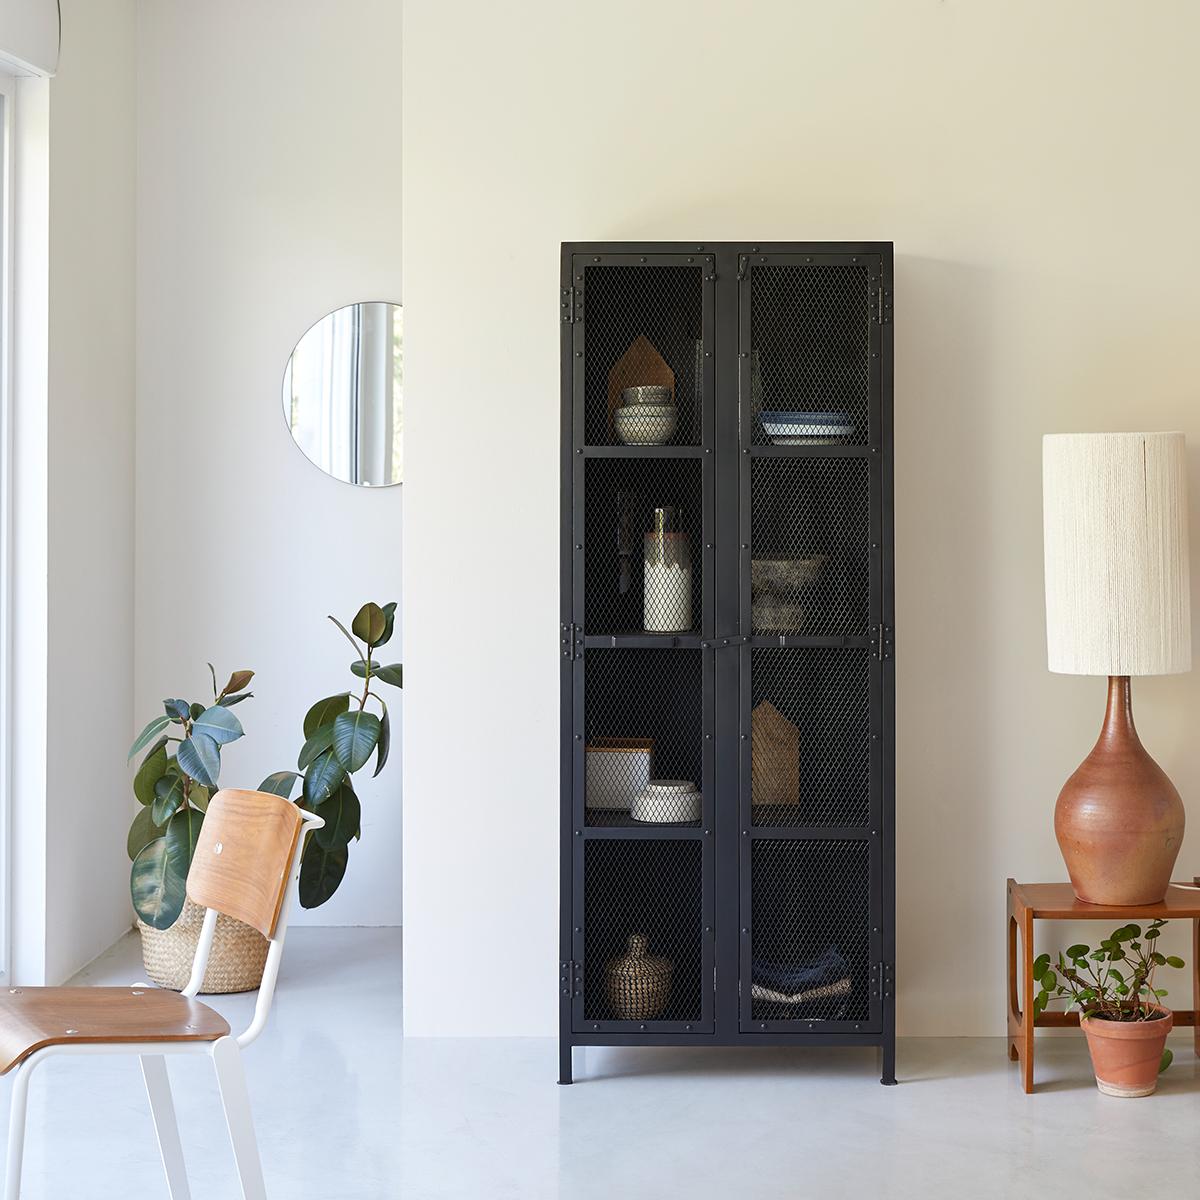 Industriel metal mesh Kitchen cabinet